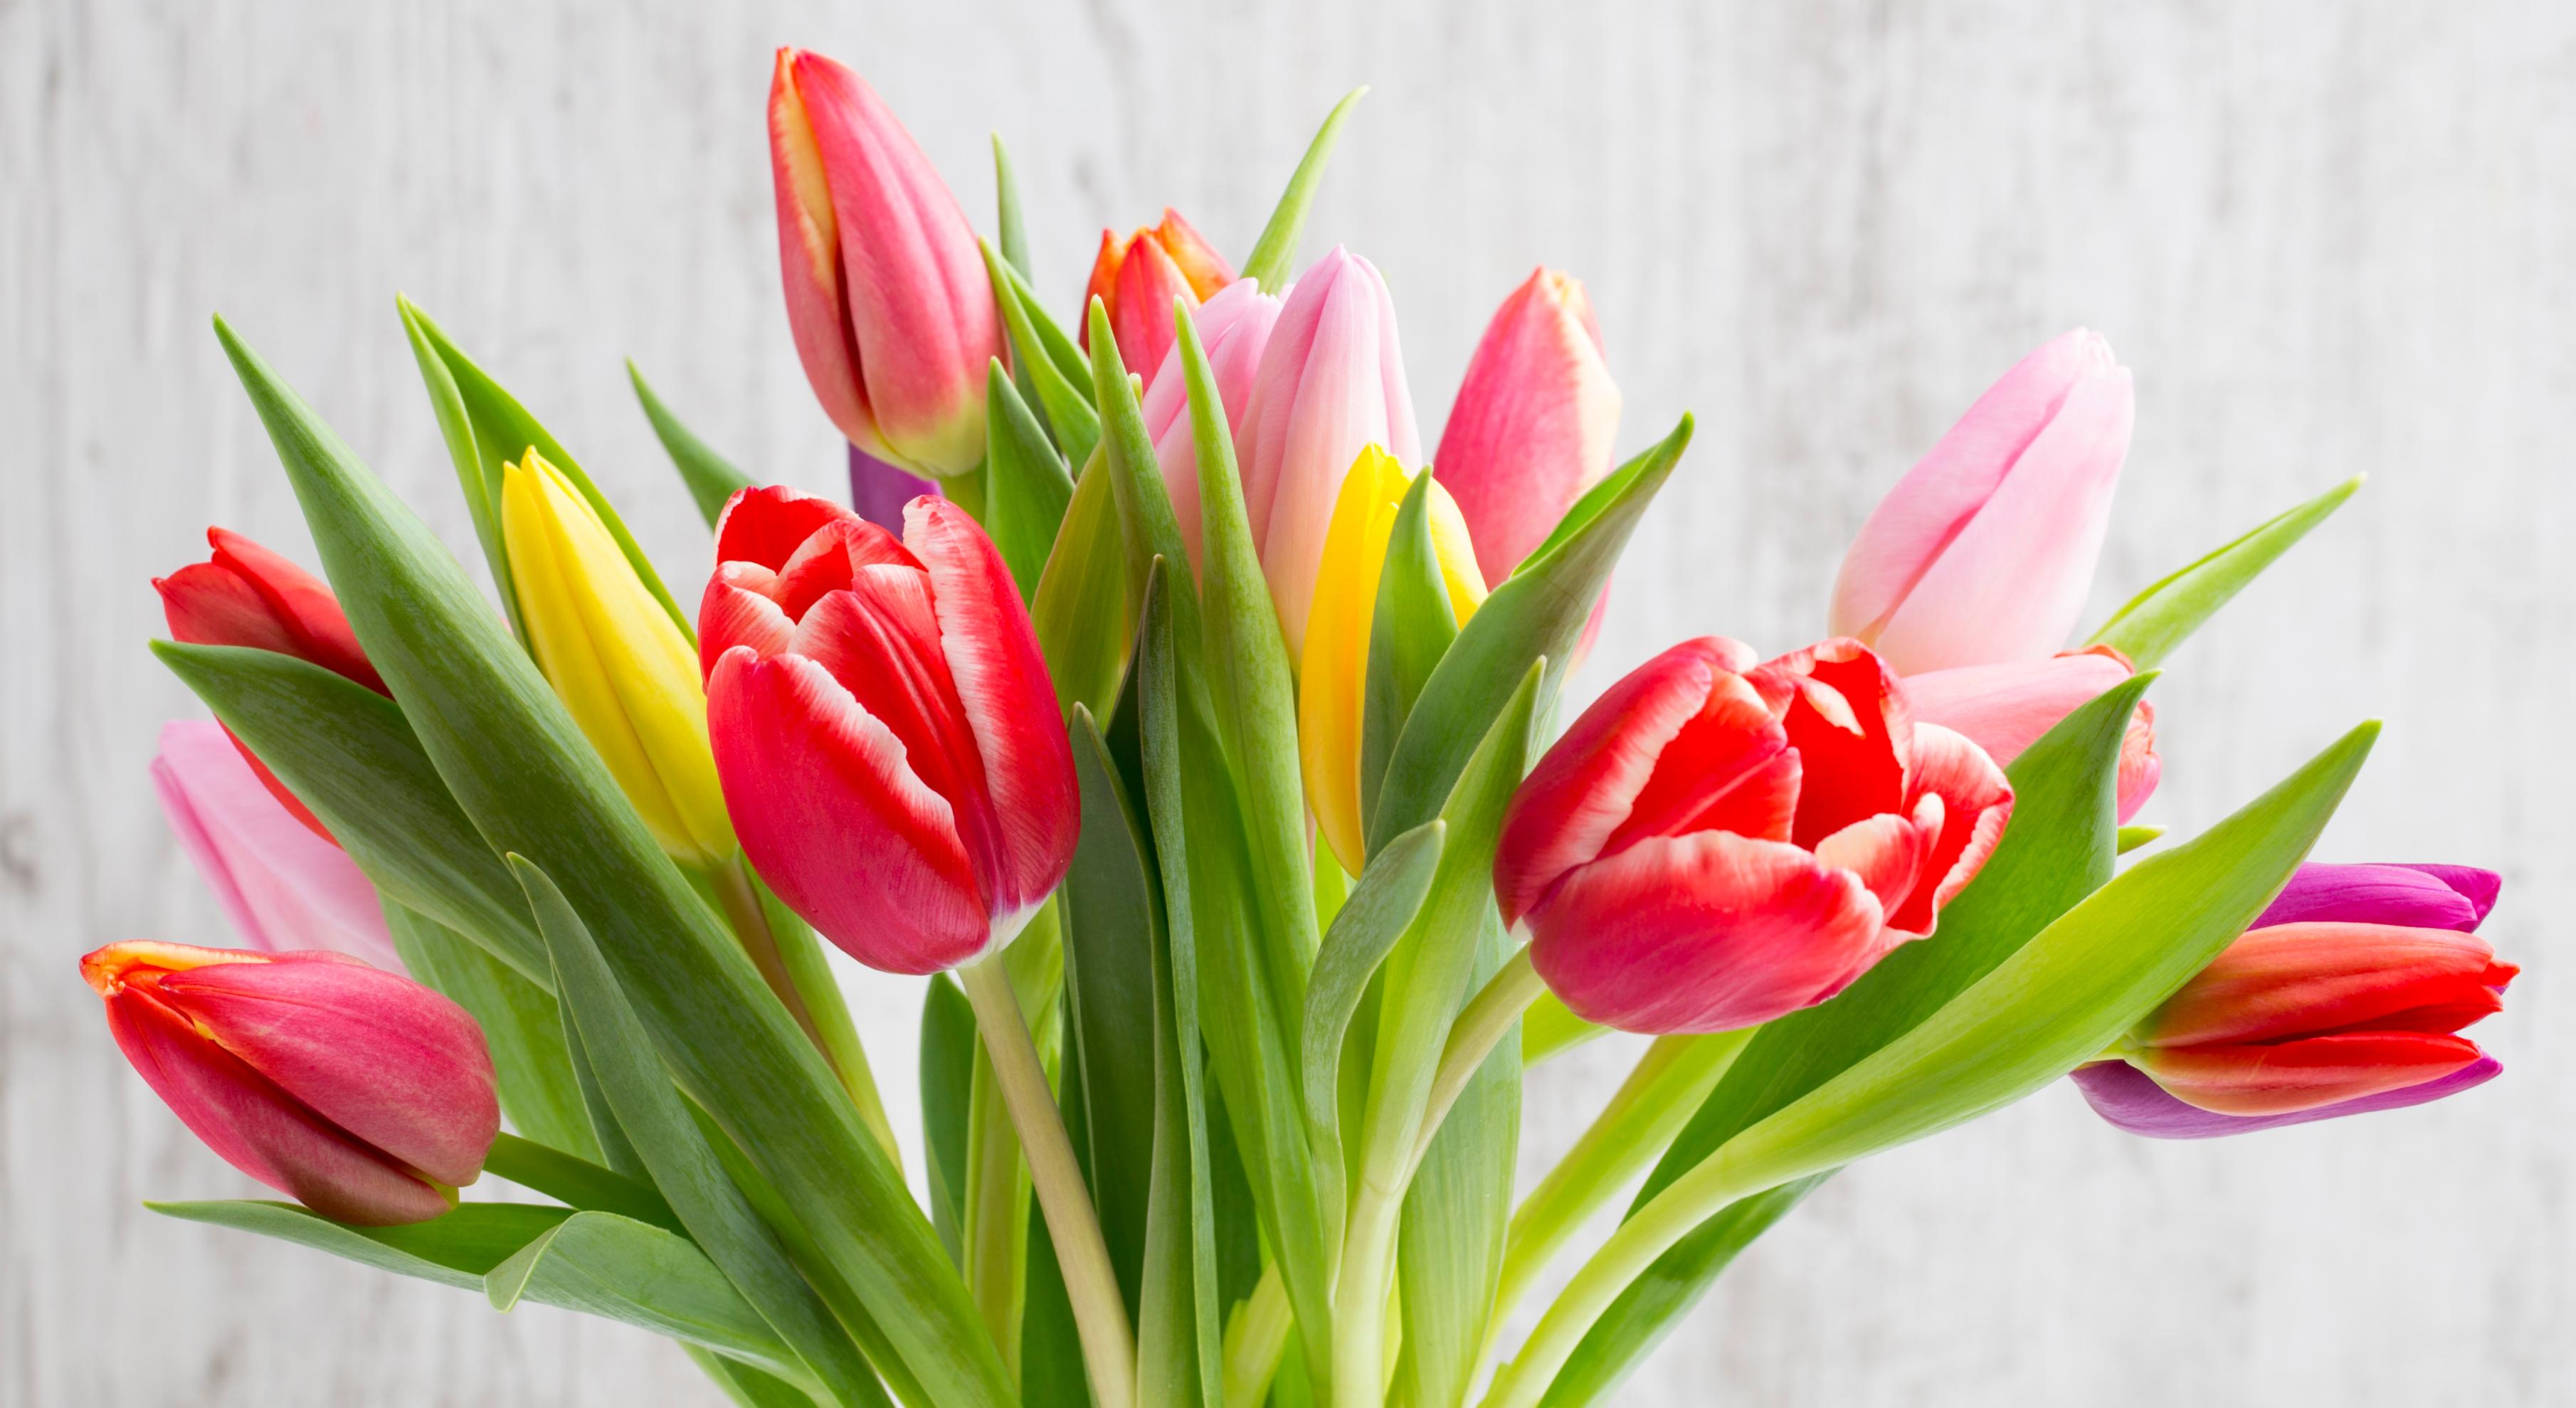 tulip-photo-65